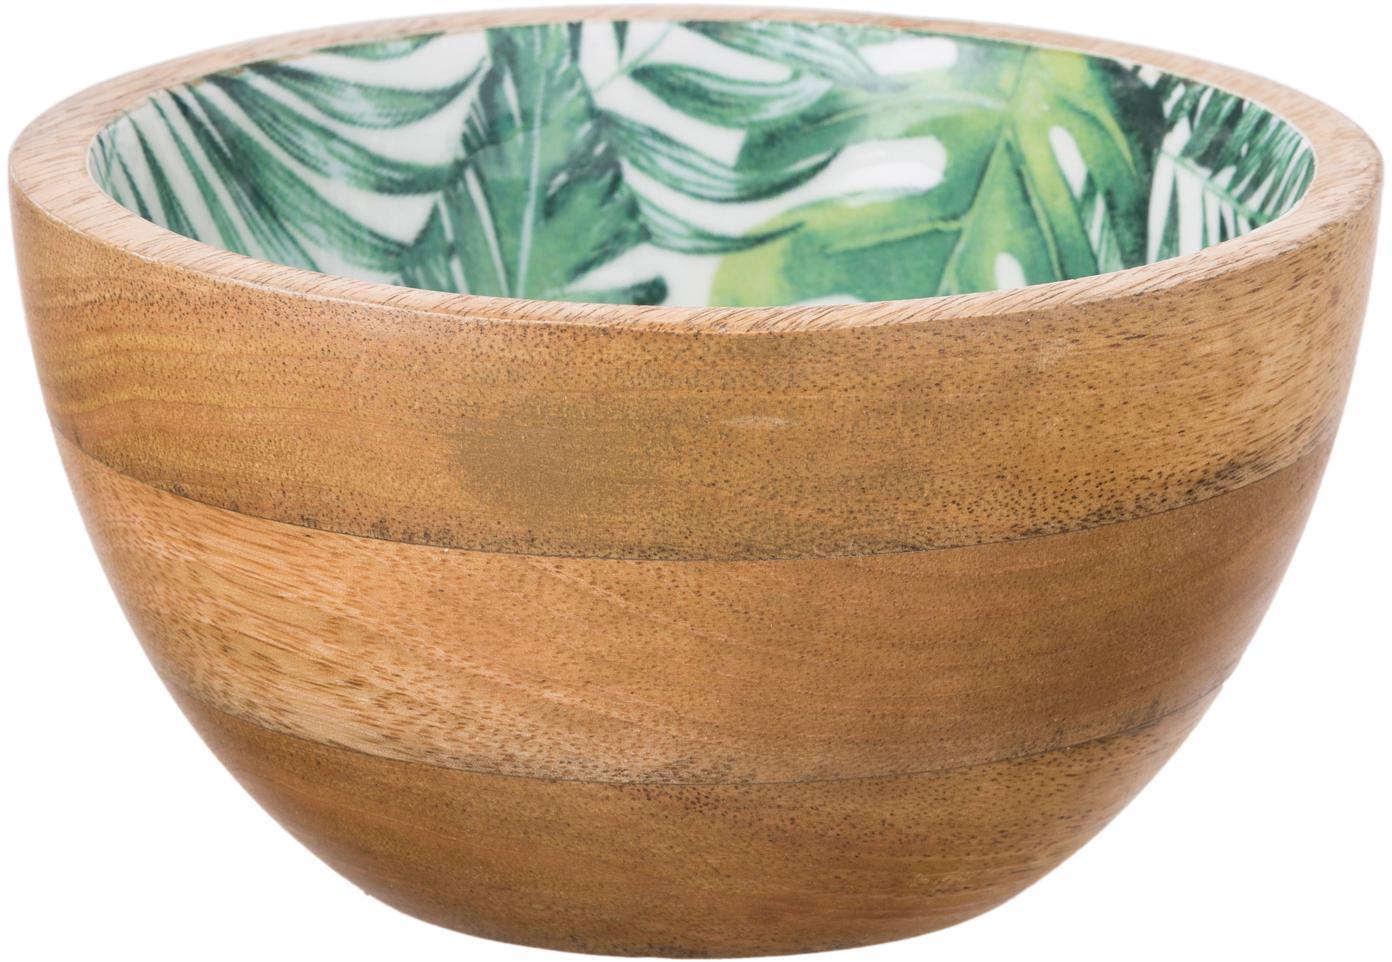 Schalen Alina van mangohout, Mangohout, Mangohoutkleurig, groen, wit, Ø 16 x H 9 cm